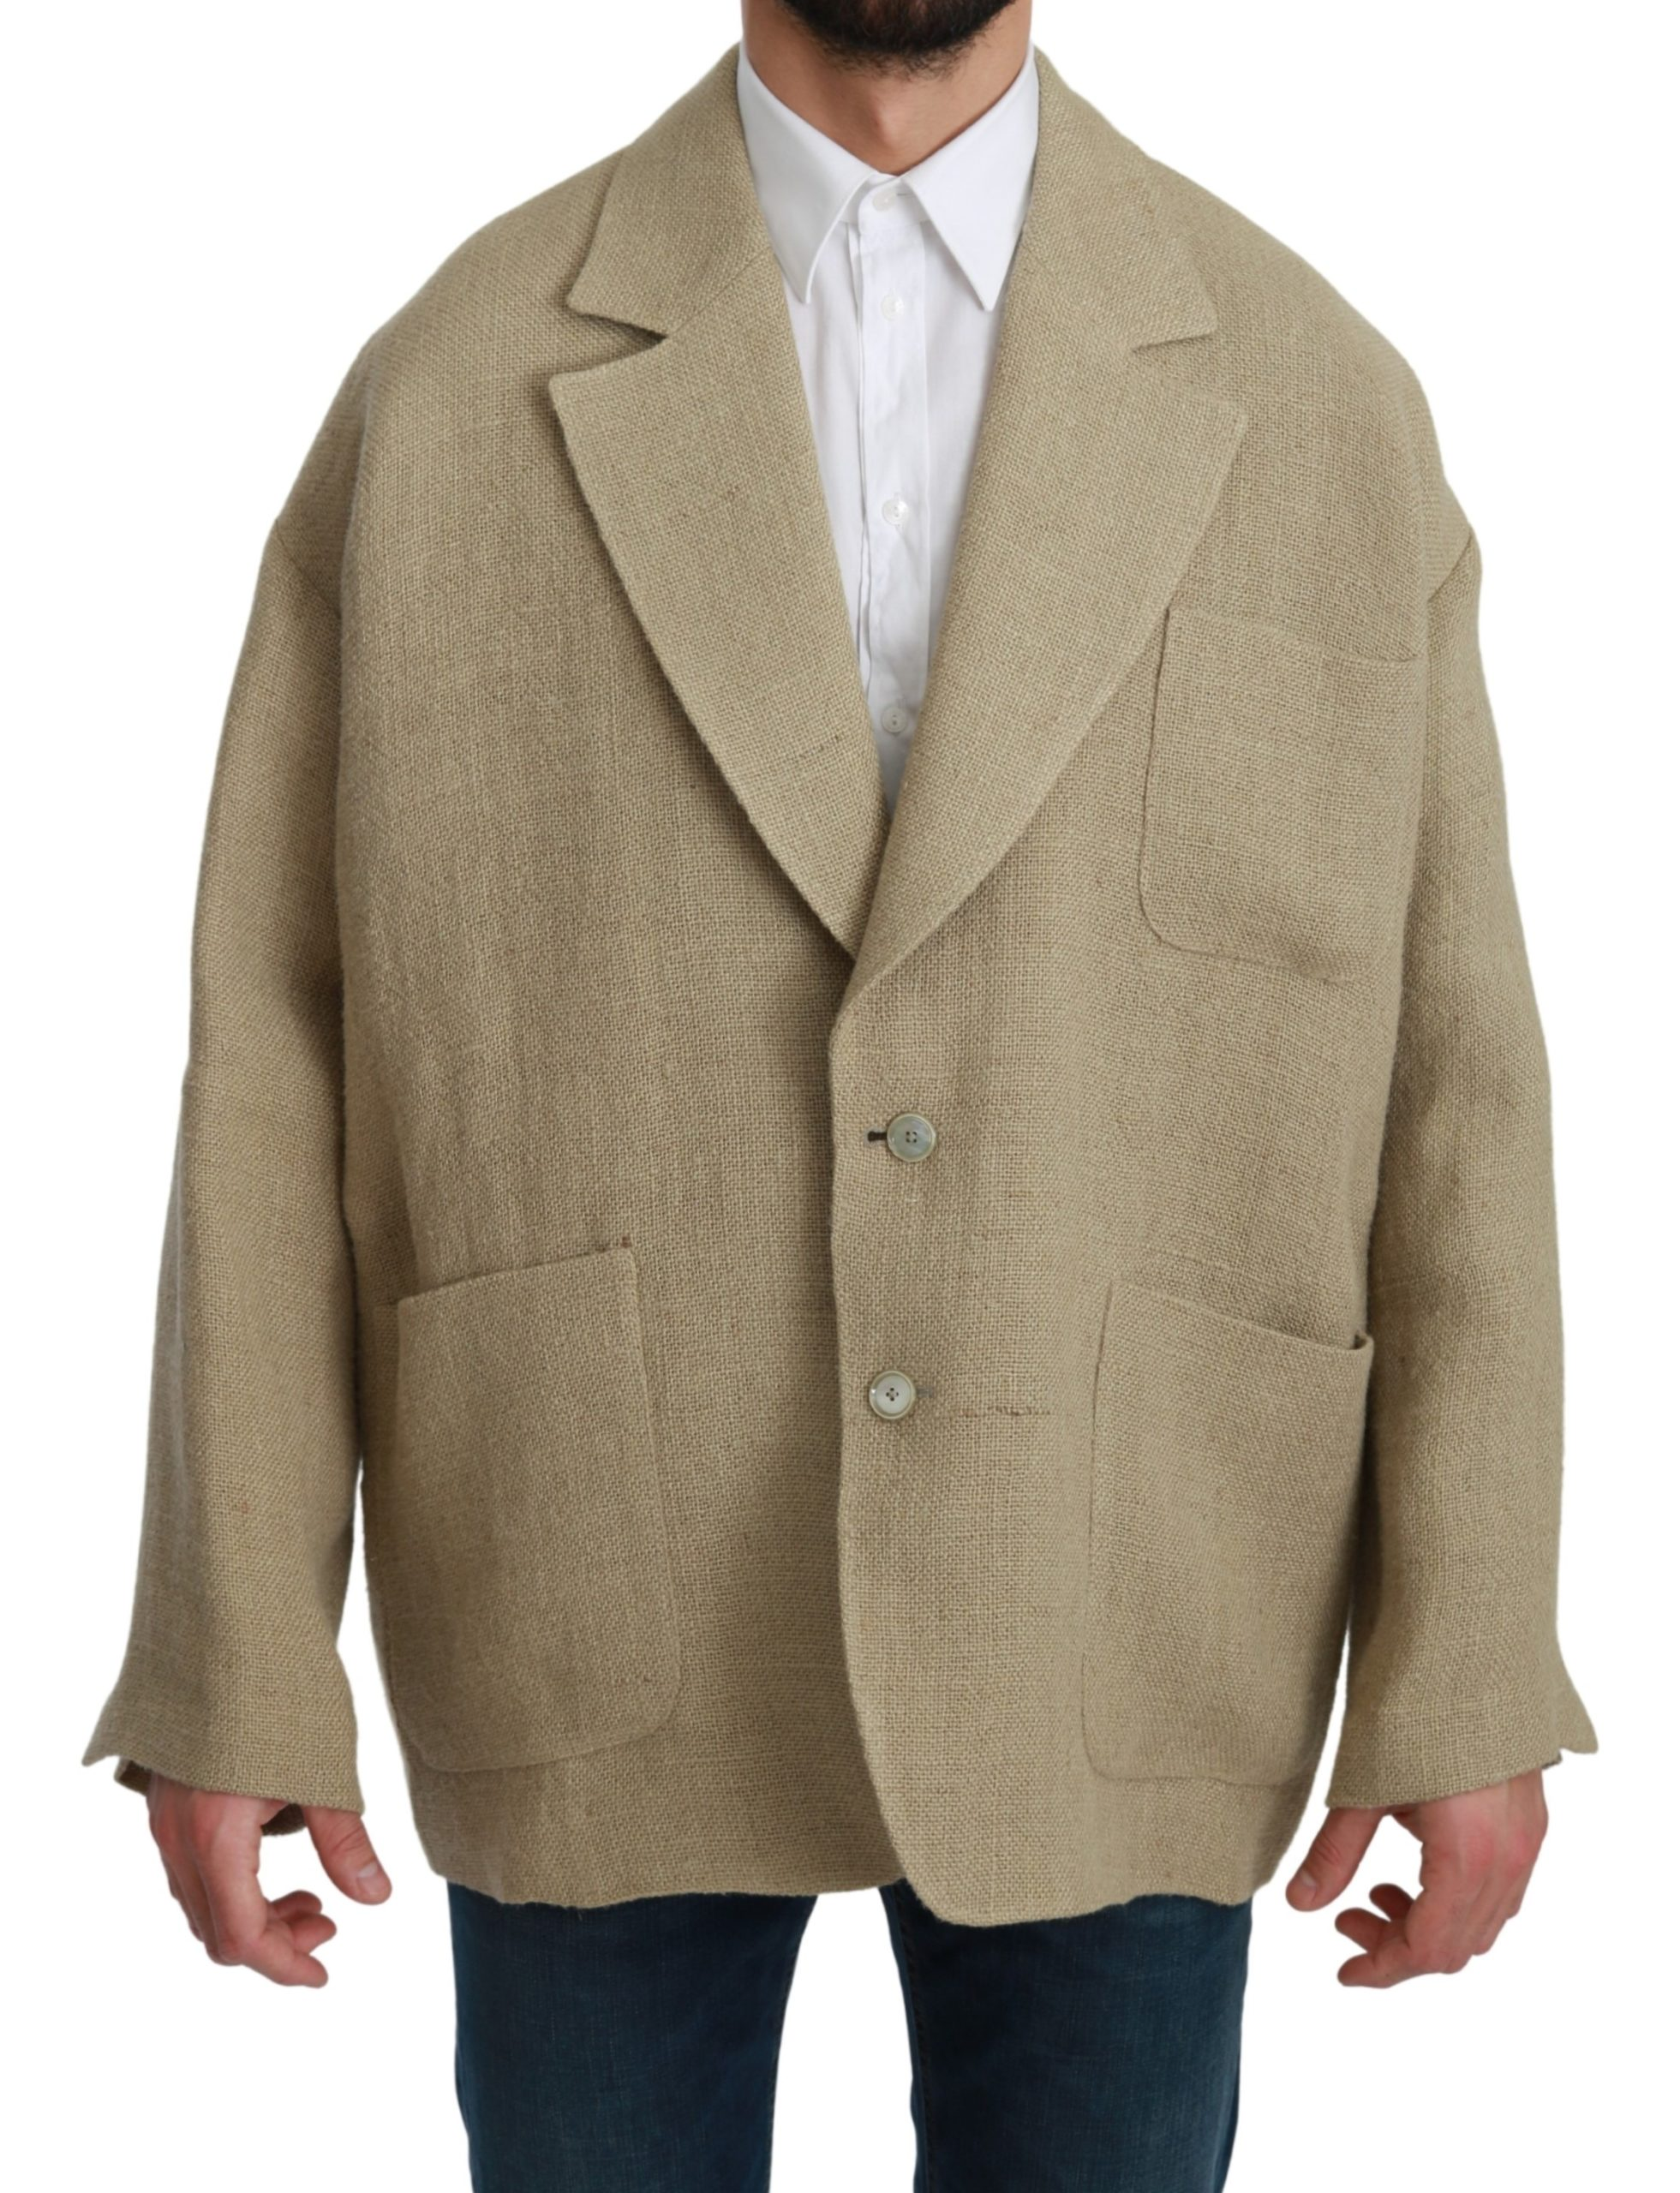 Dolce & Gabbana Men's Jute Blazer Beige KOS1775 - IT46 | M